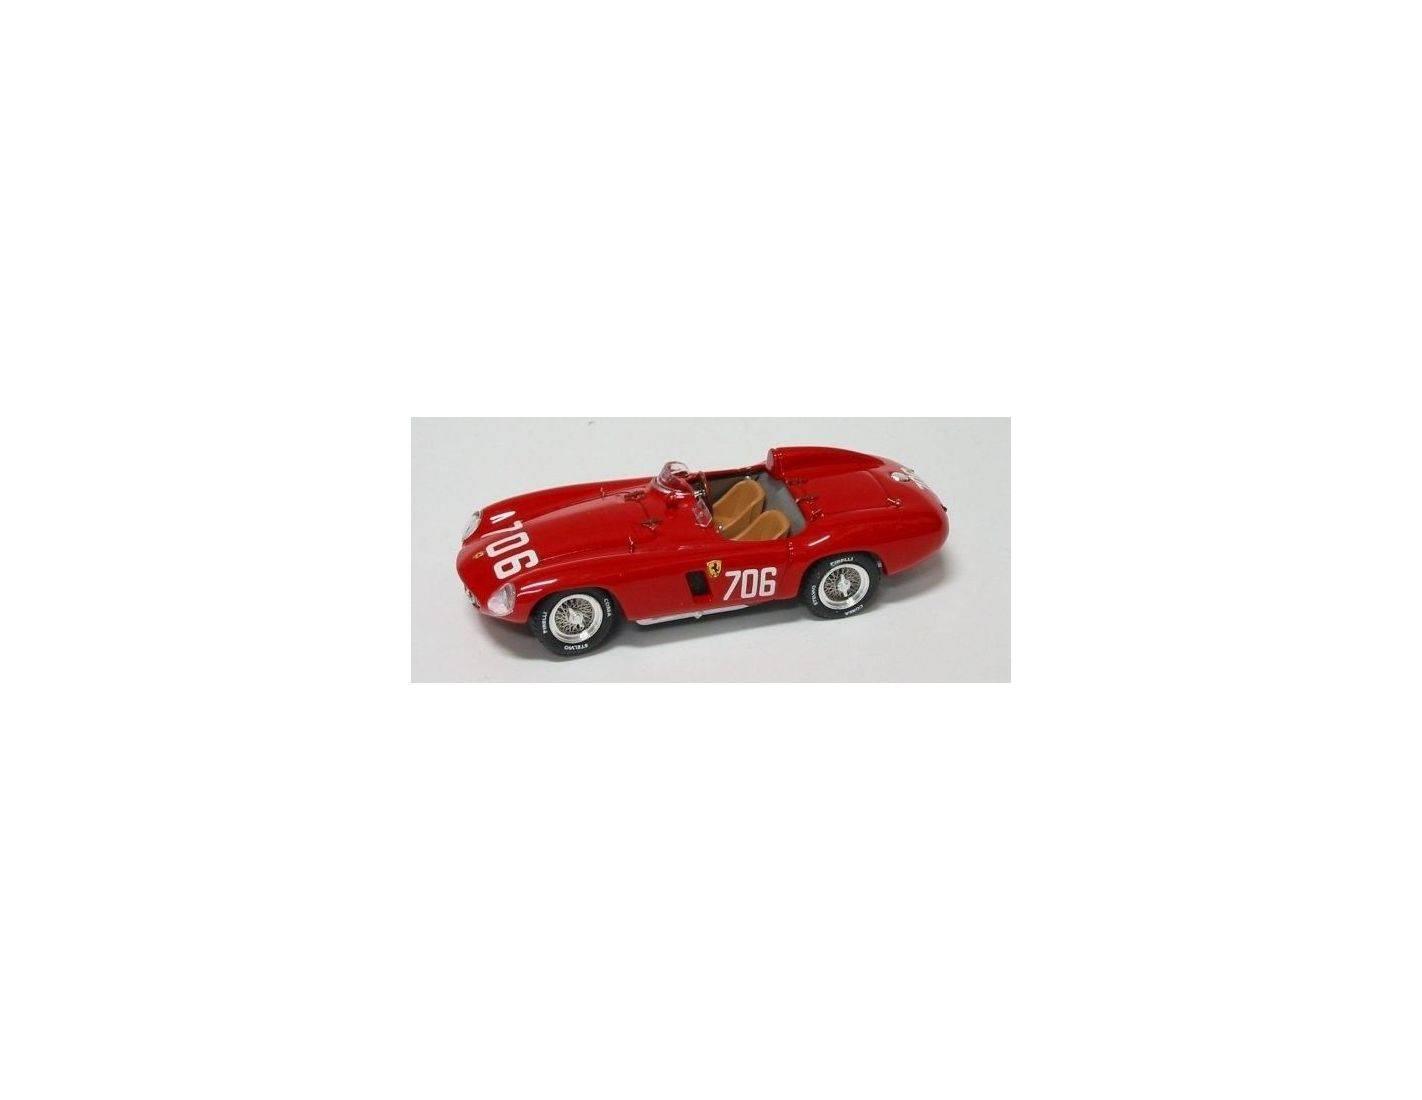 Art Model AM0150 FERRARI 750 MONZA N.706 DNF MILLE MIGLIA 1955 PROTTI-ZANINI 1:43 Modellino